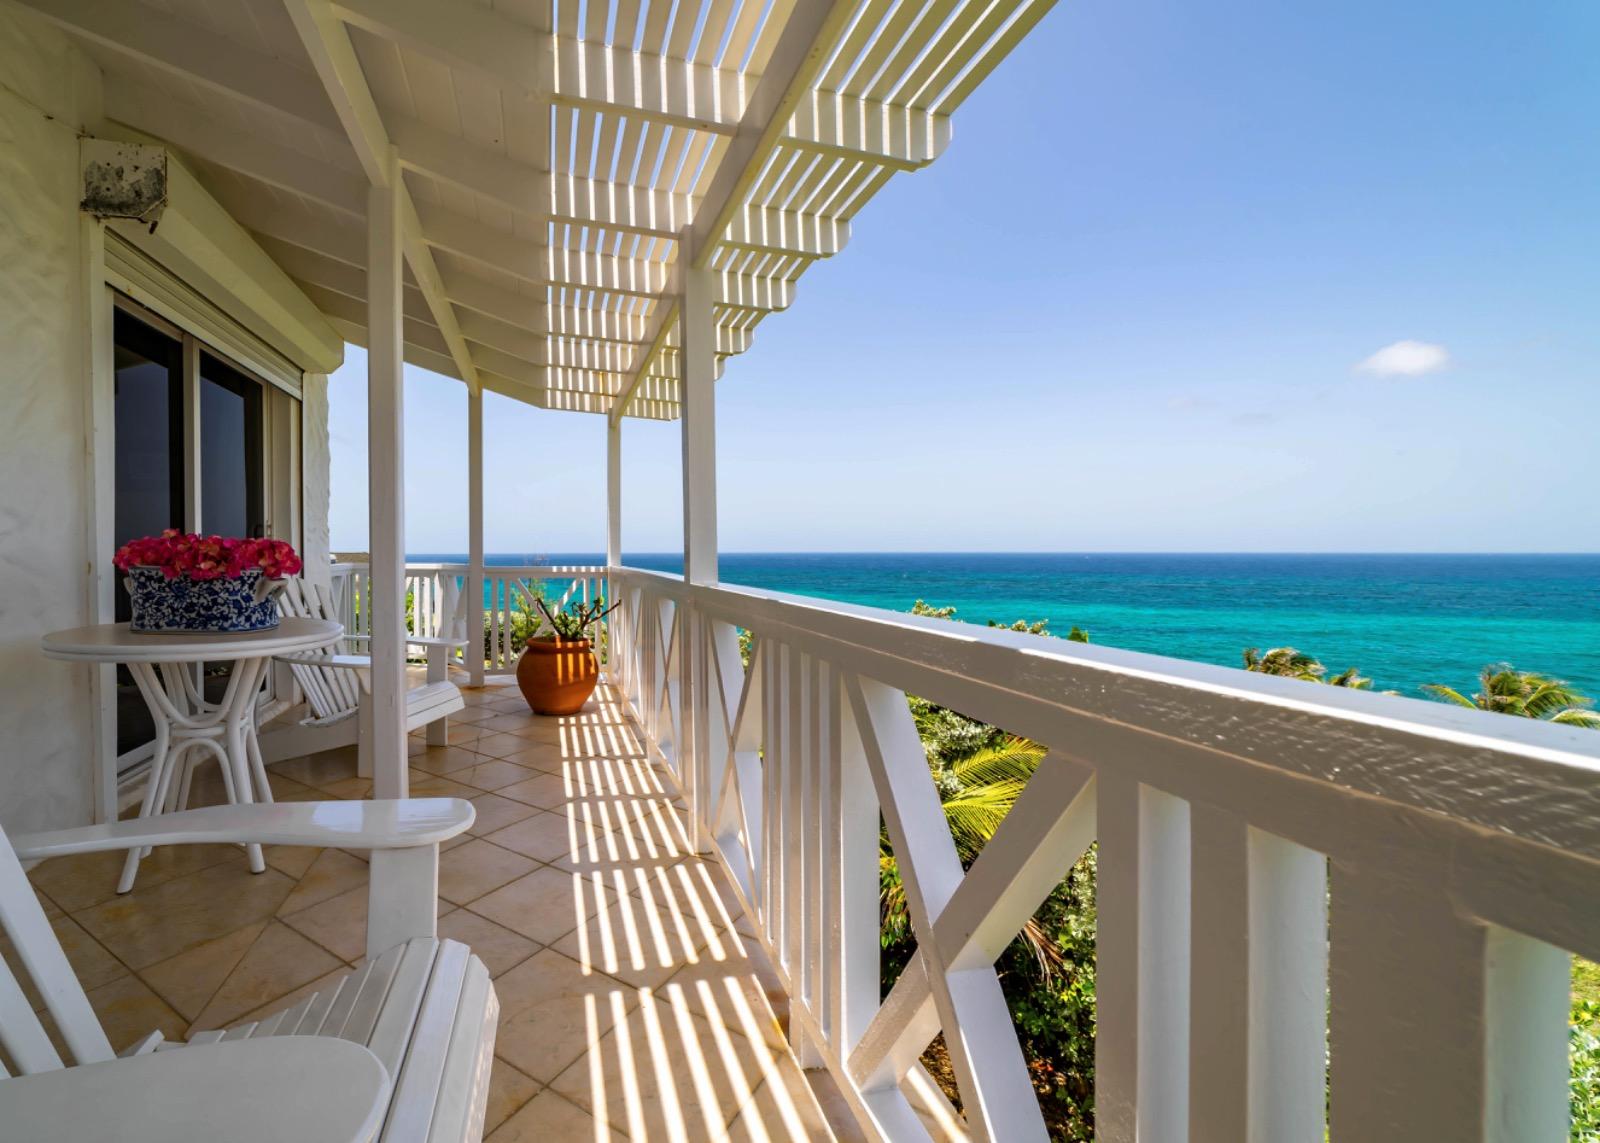 Barbados Ocean Deck Blue Water.jpg